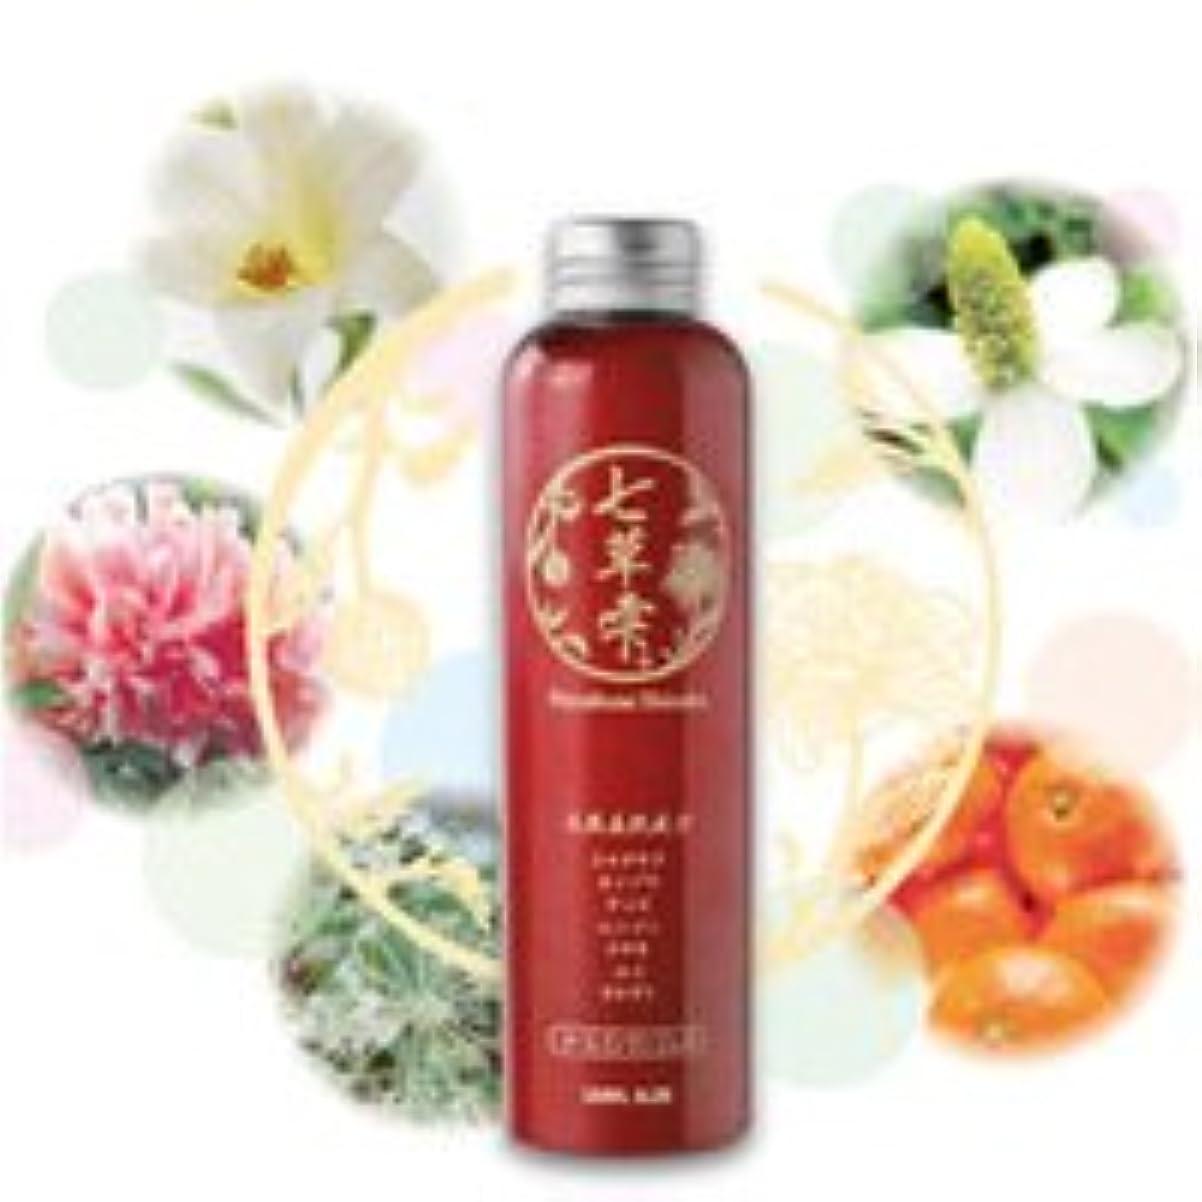 幹汚物未払い七草雫 化粧水 さっぱりタイプ 200ml / フタバ化学 リーブルアロエ